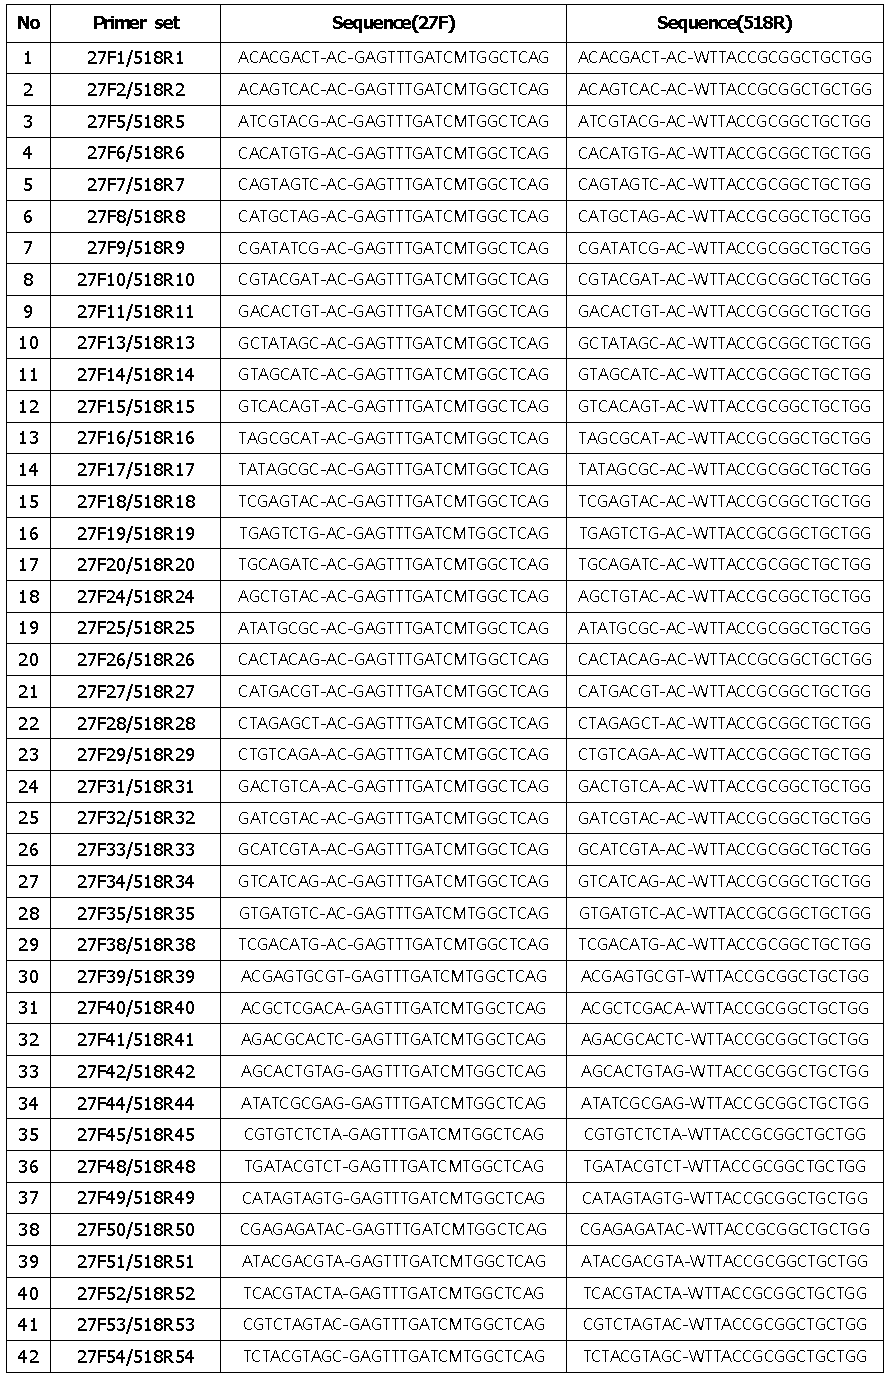 사용된 barcode primer 염기서열 및 조합